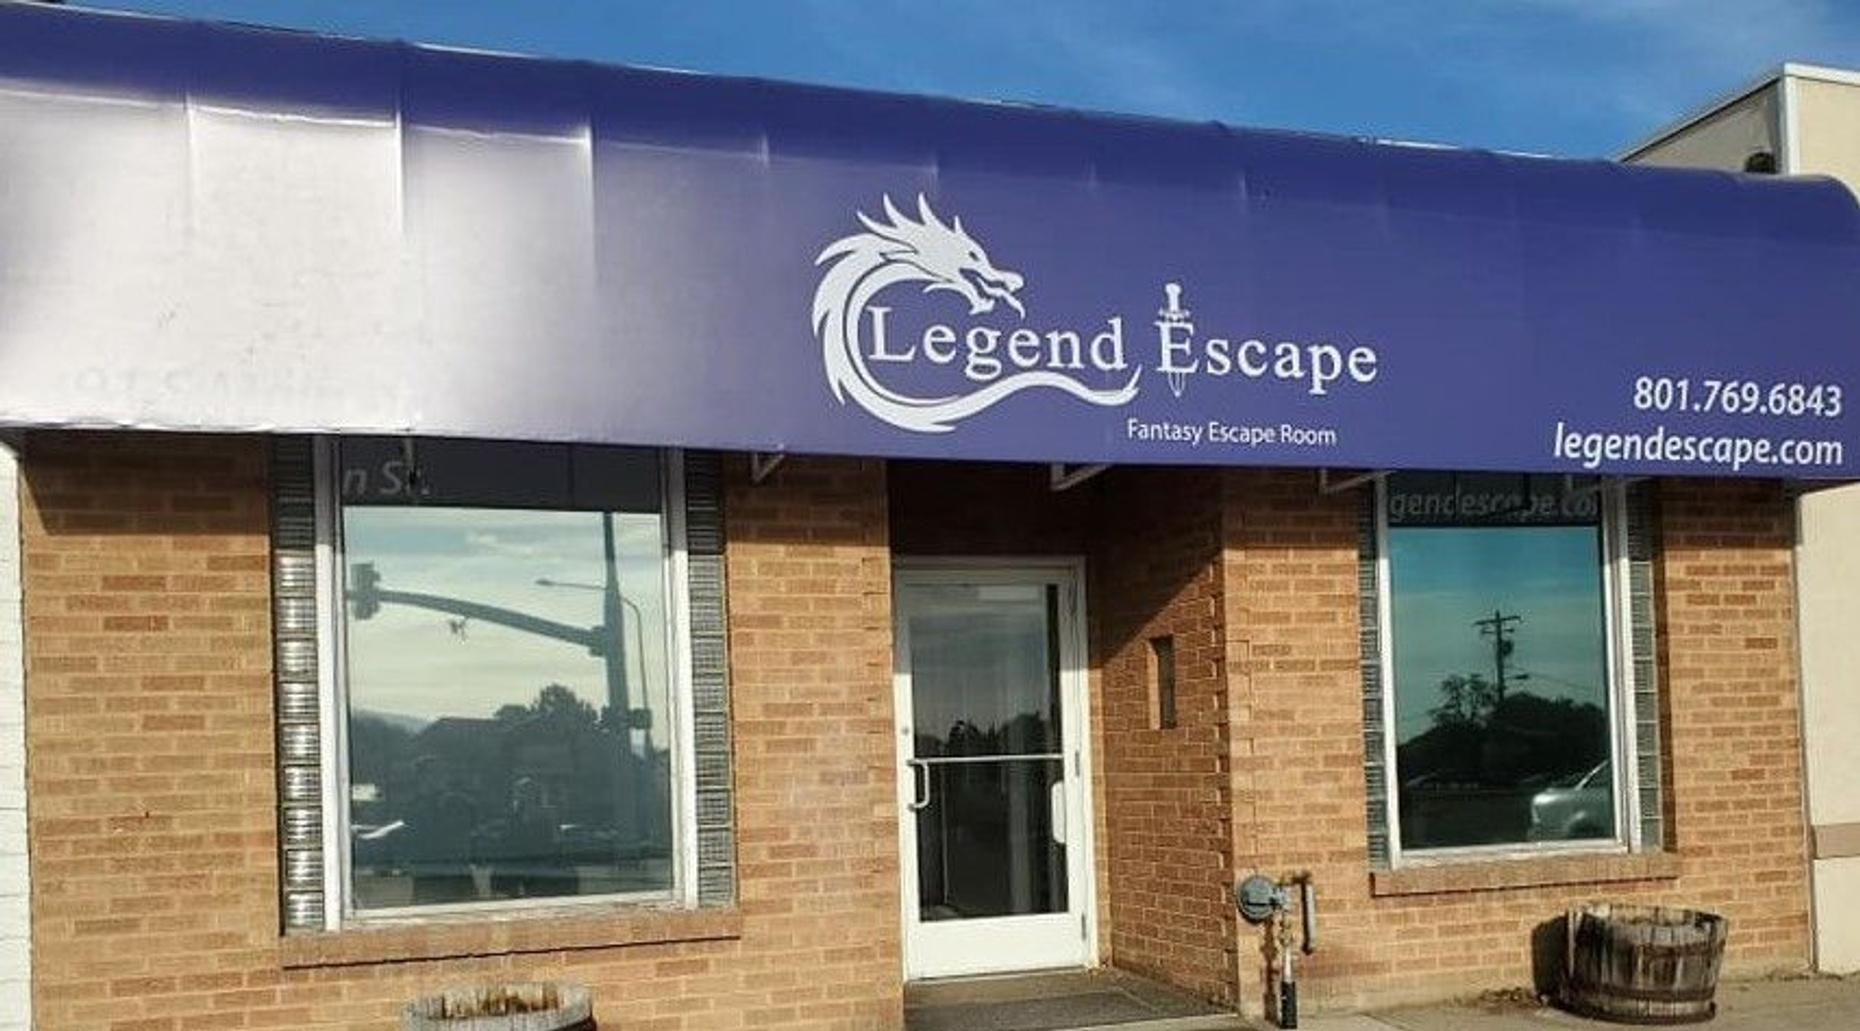 Mystery Fantasy Escape Room in Pleasant Grove